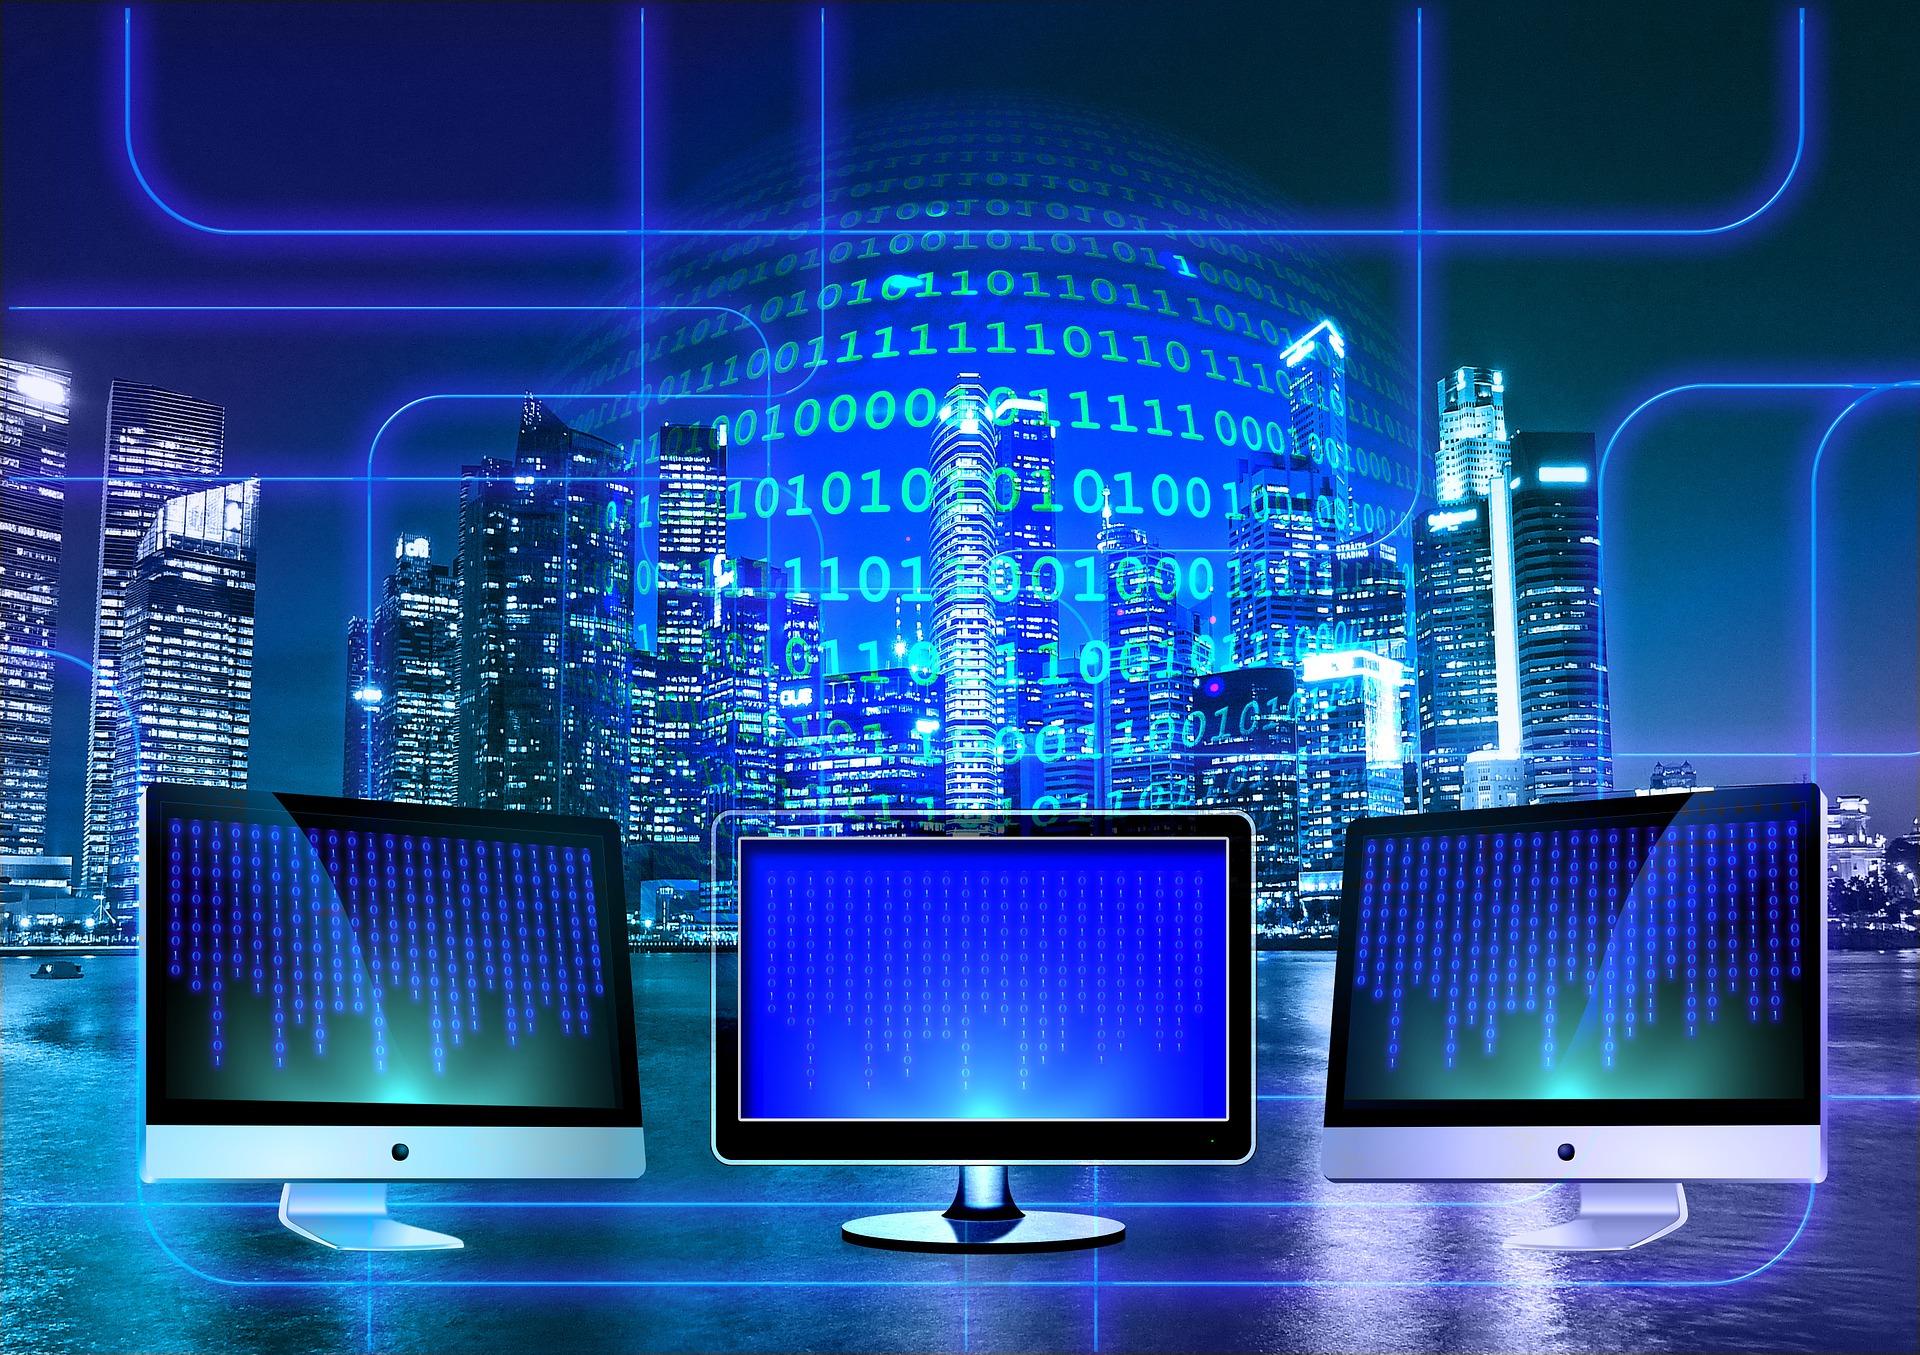 Digitale transitie: hoe pak je het aan?